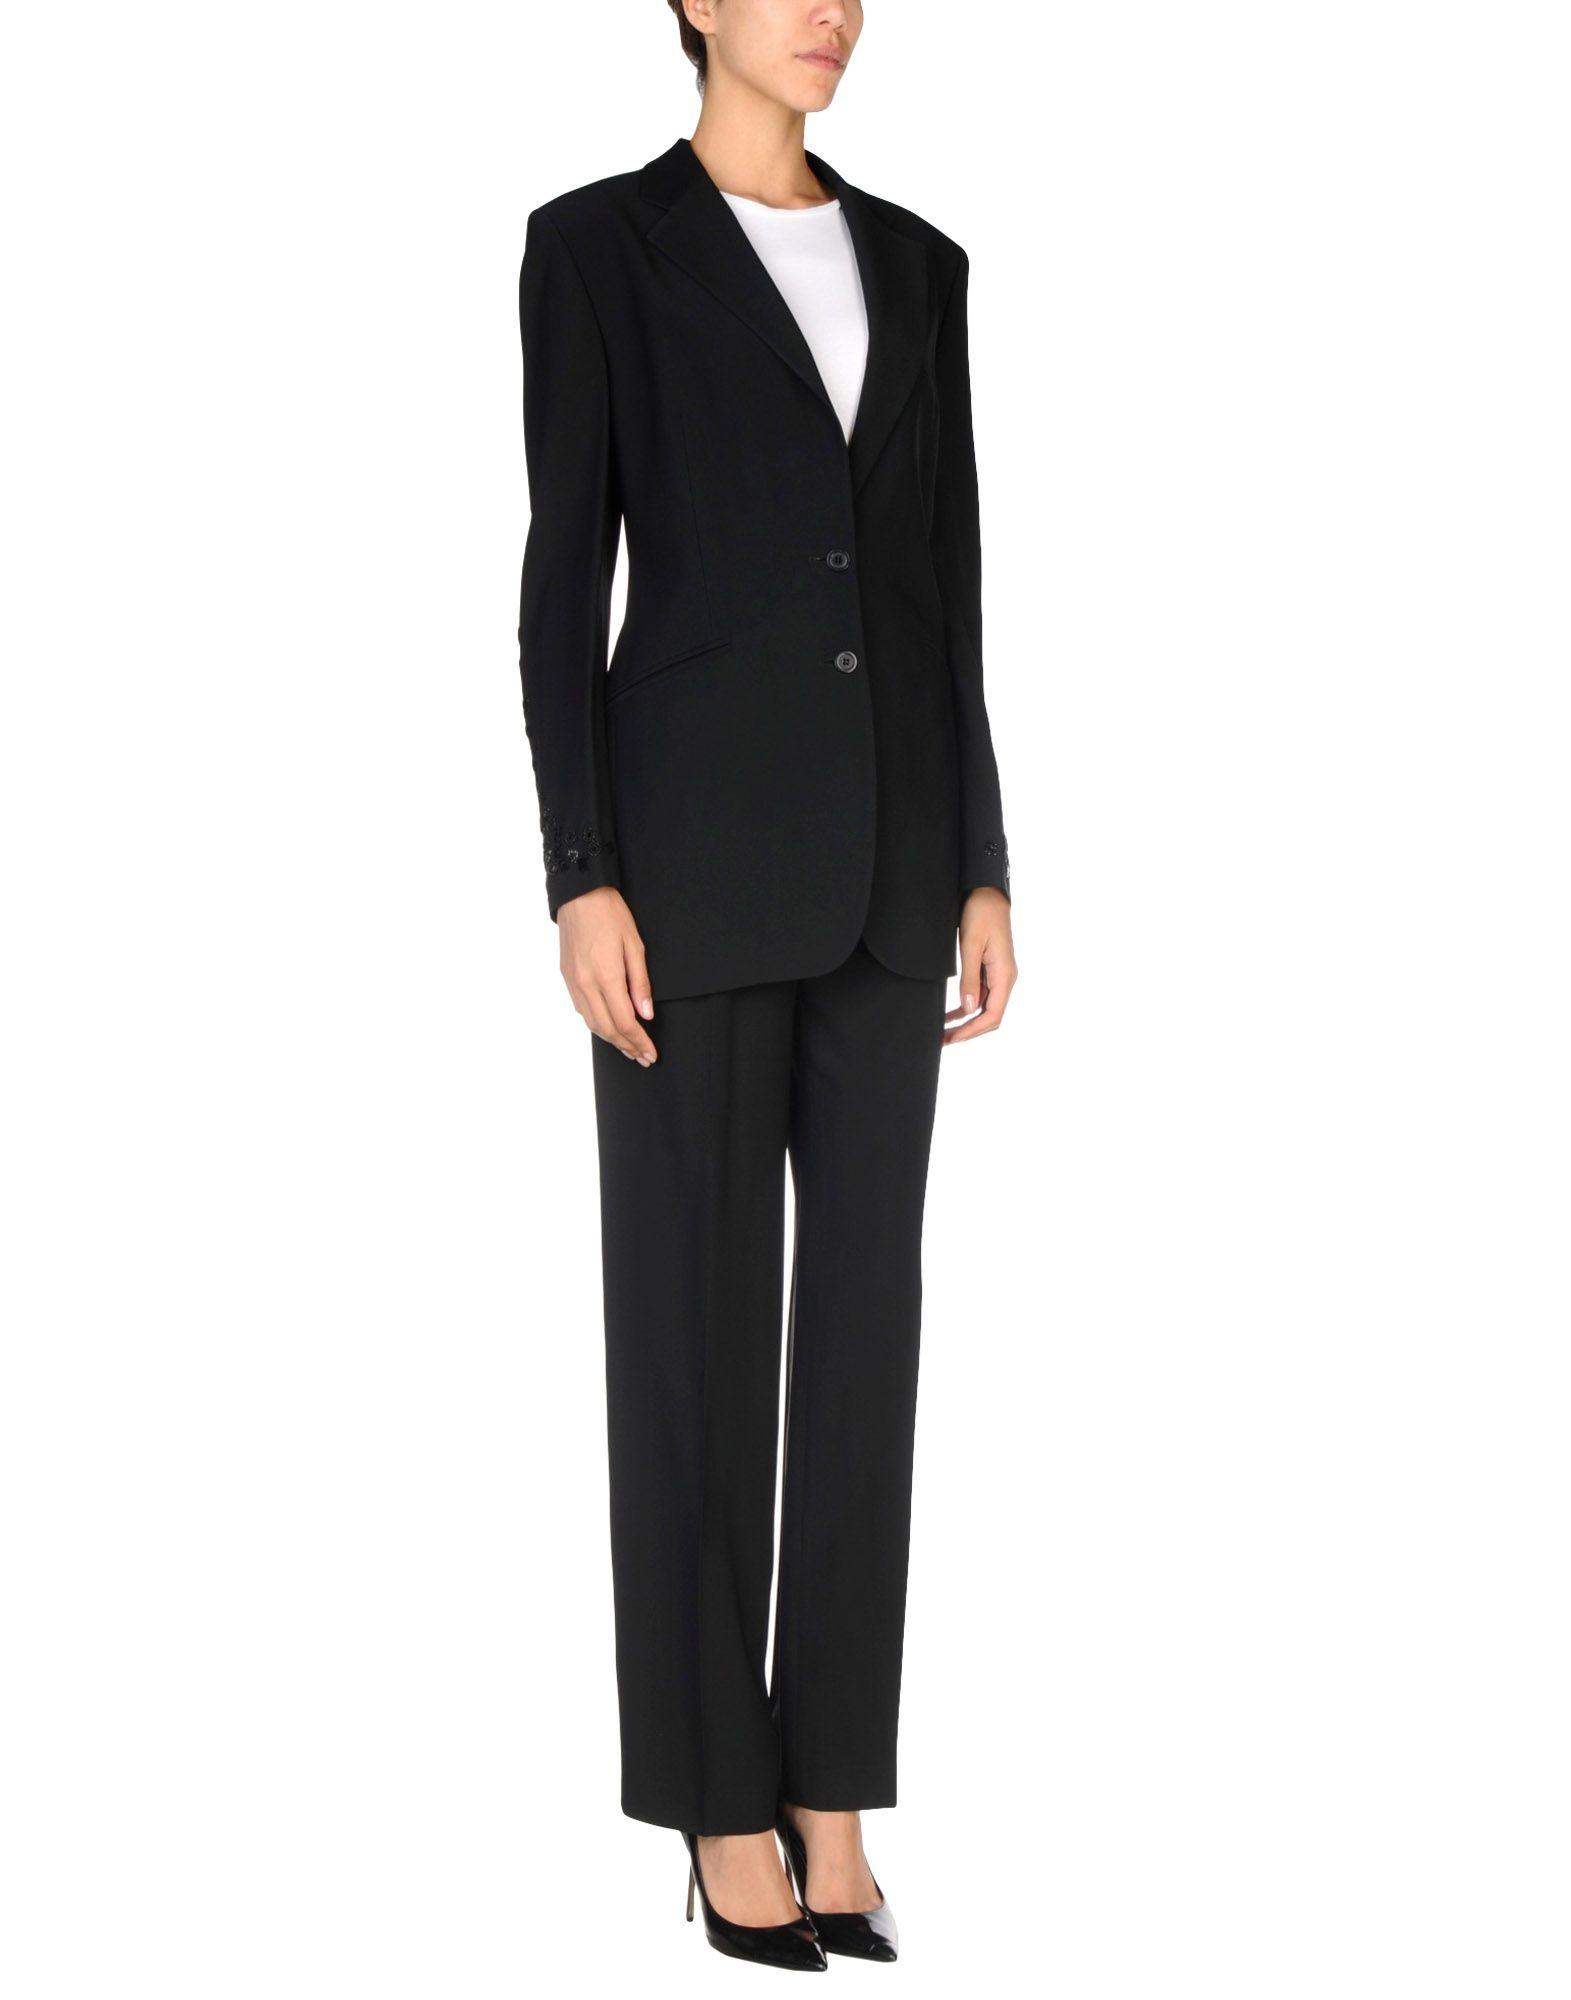 FUSCO ANTONIO Damen Kostüm Farbe Schwarz Größe 6